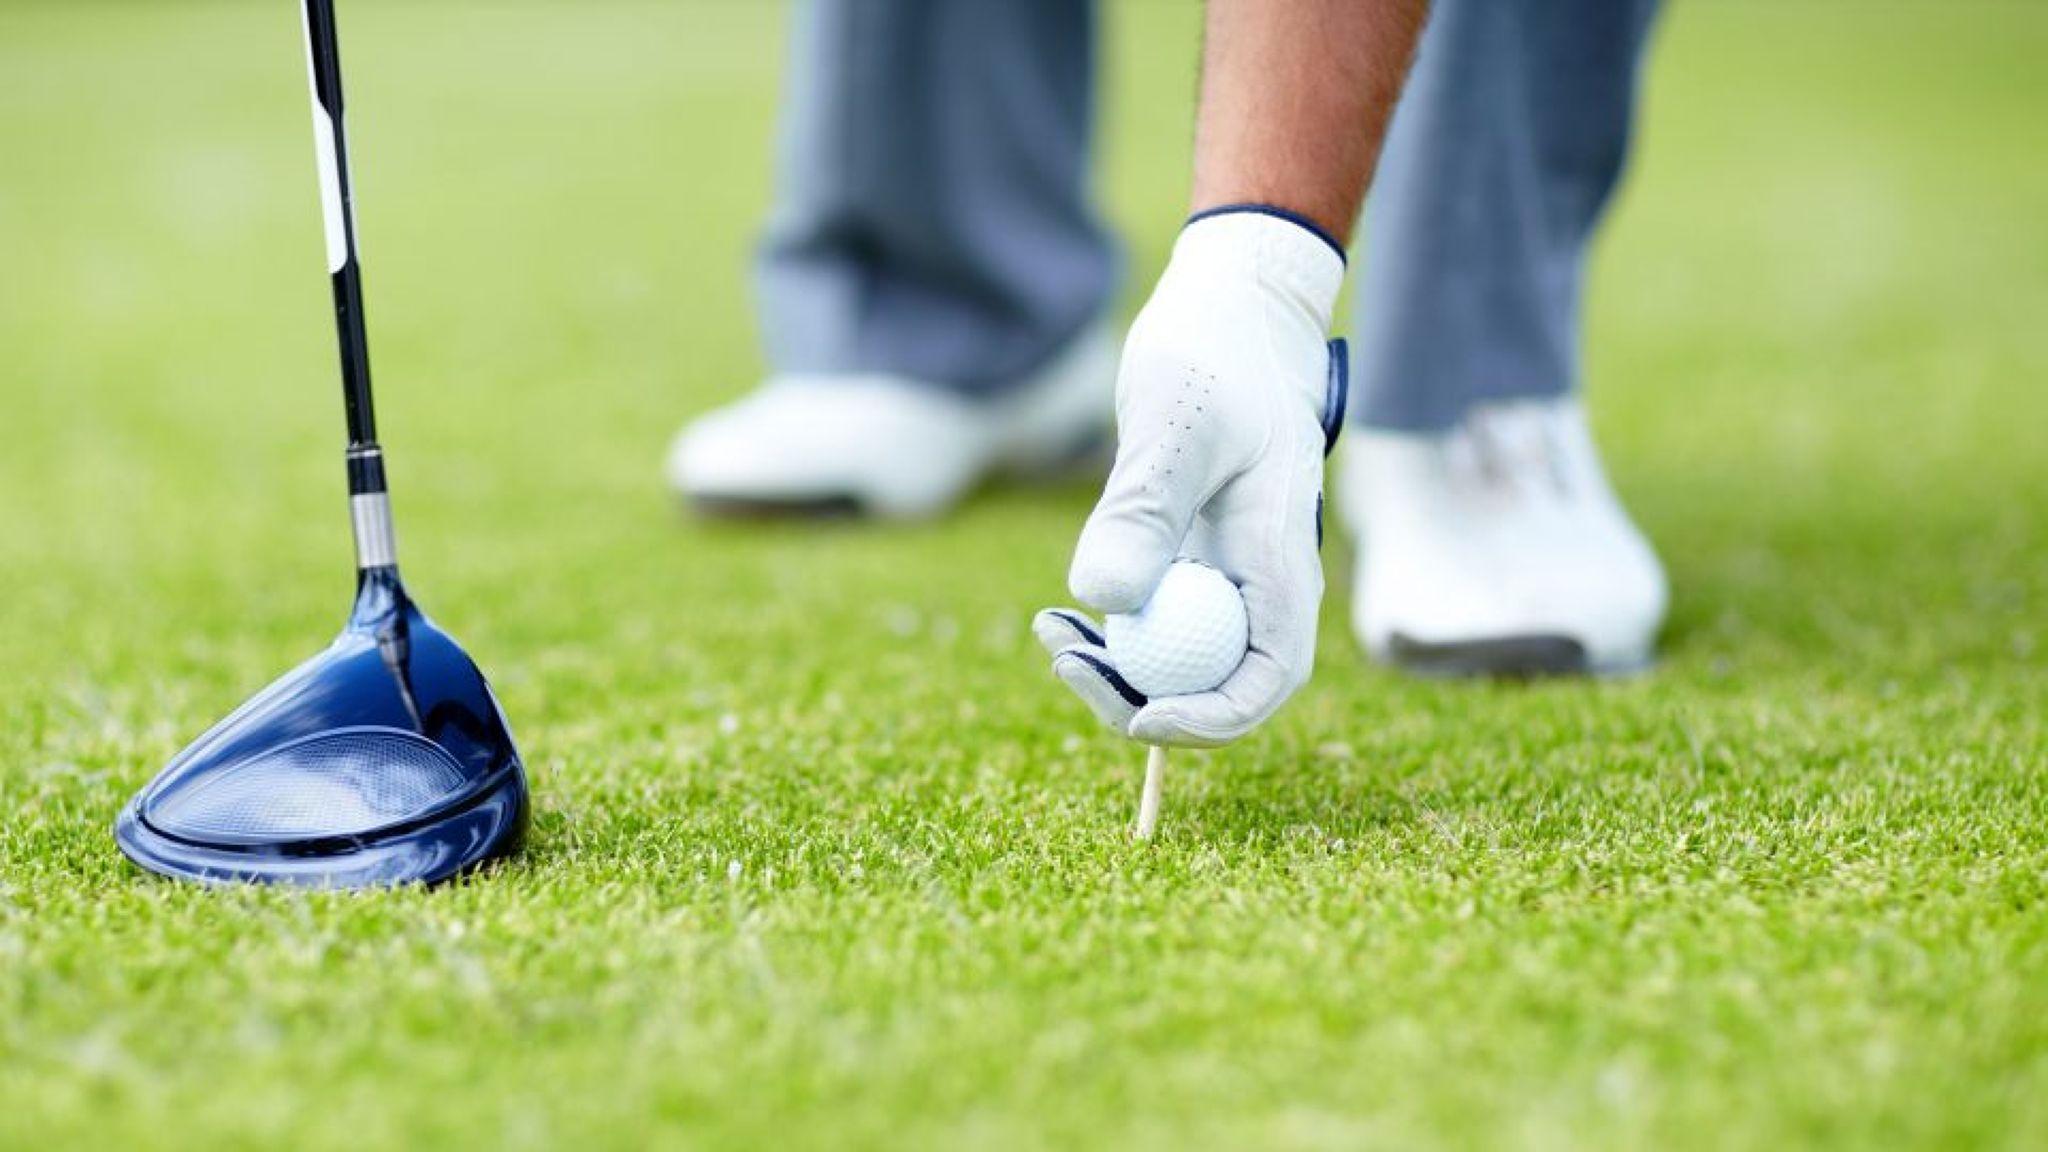 UniGolf đưa đến rất nhiều dịch vụ tiện ích cho các golf thủ